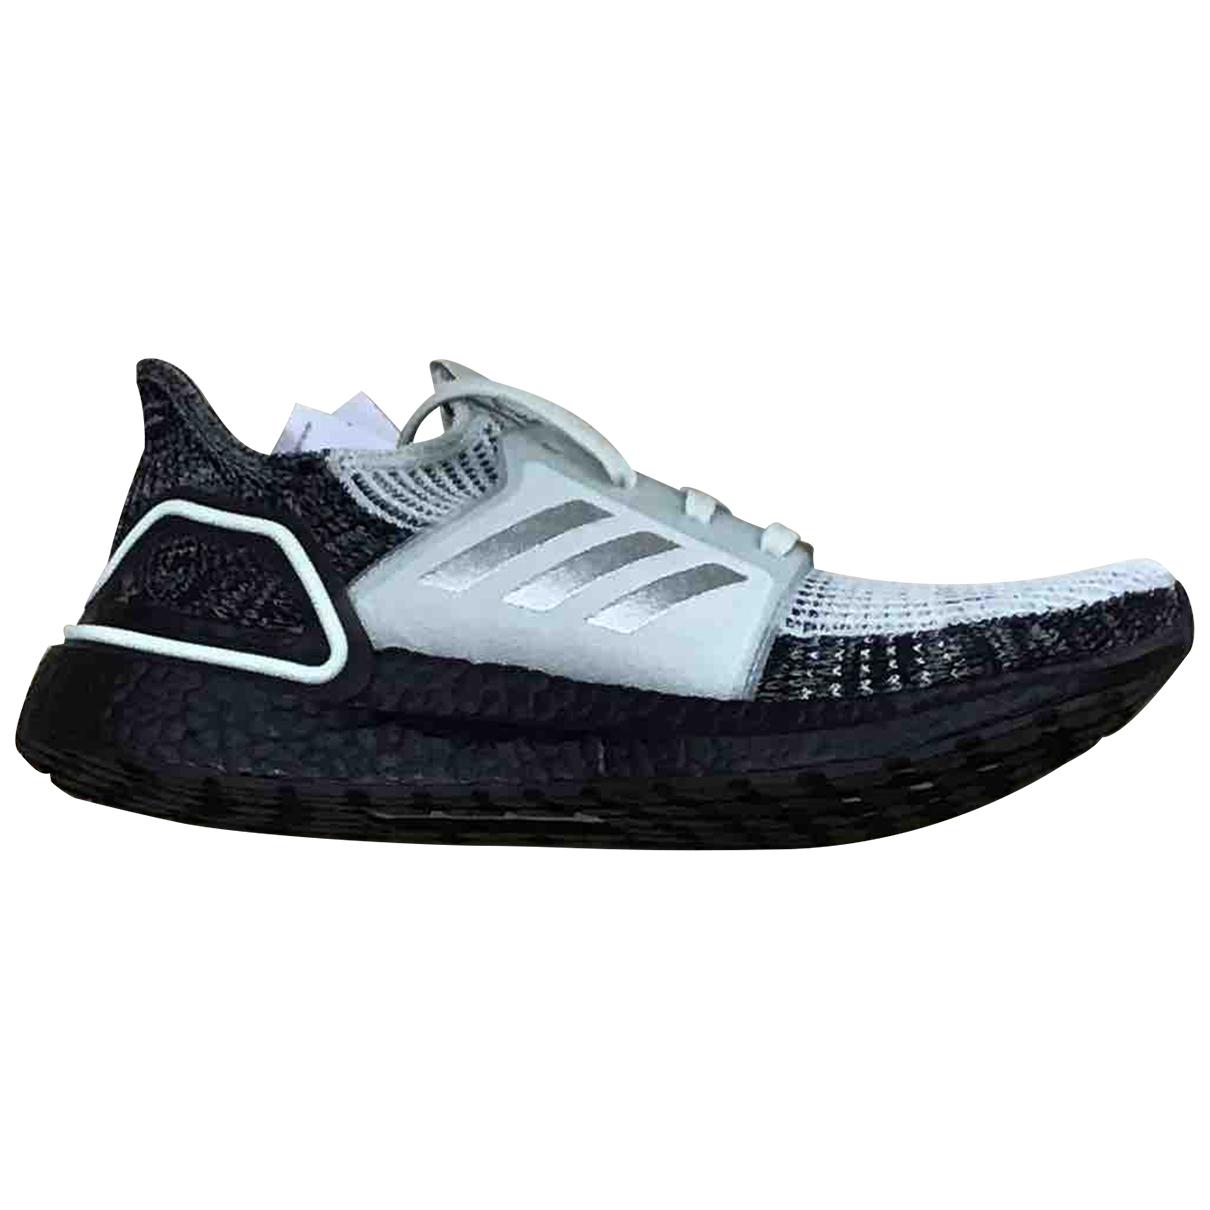 Adidas - Baskets Ultraboost pour homme en toile - vert